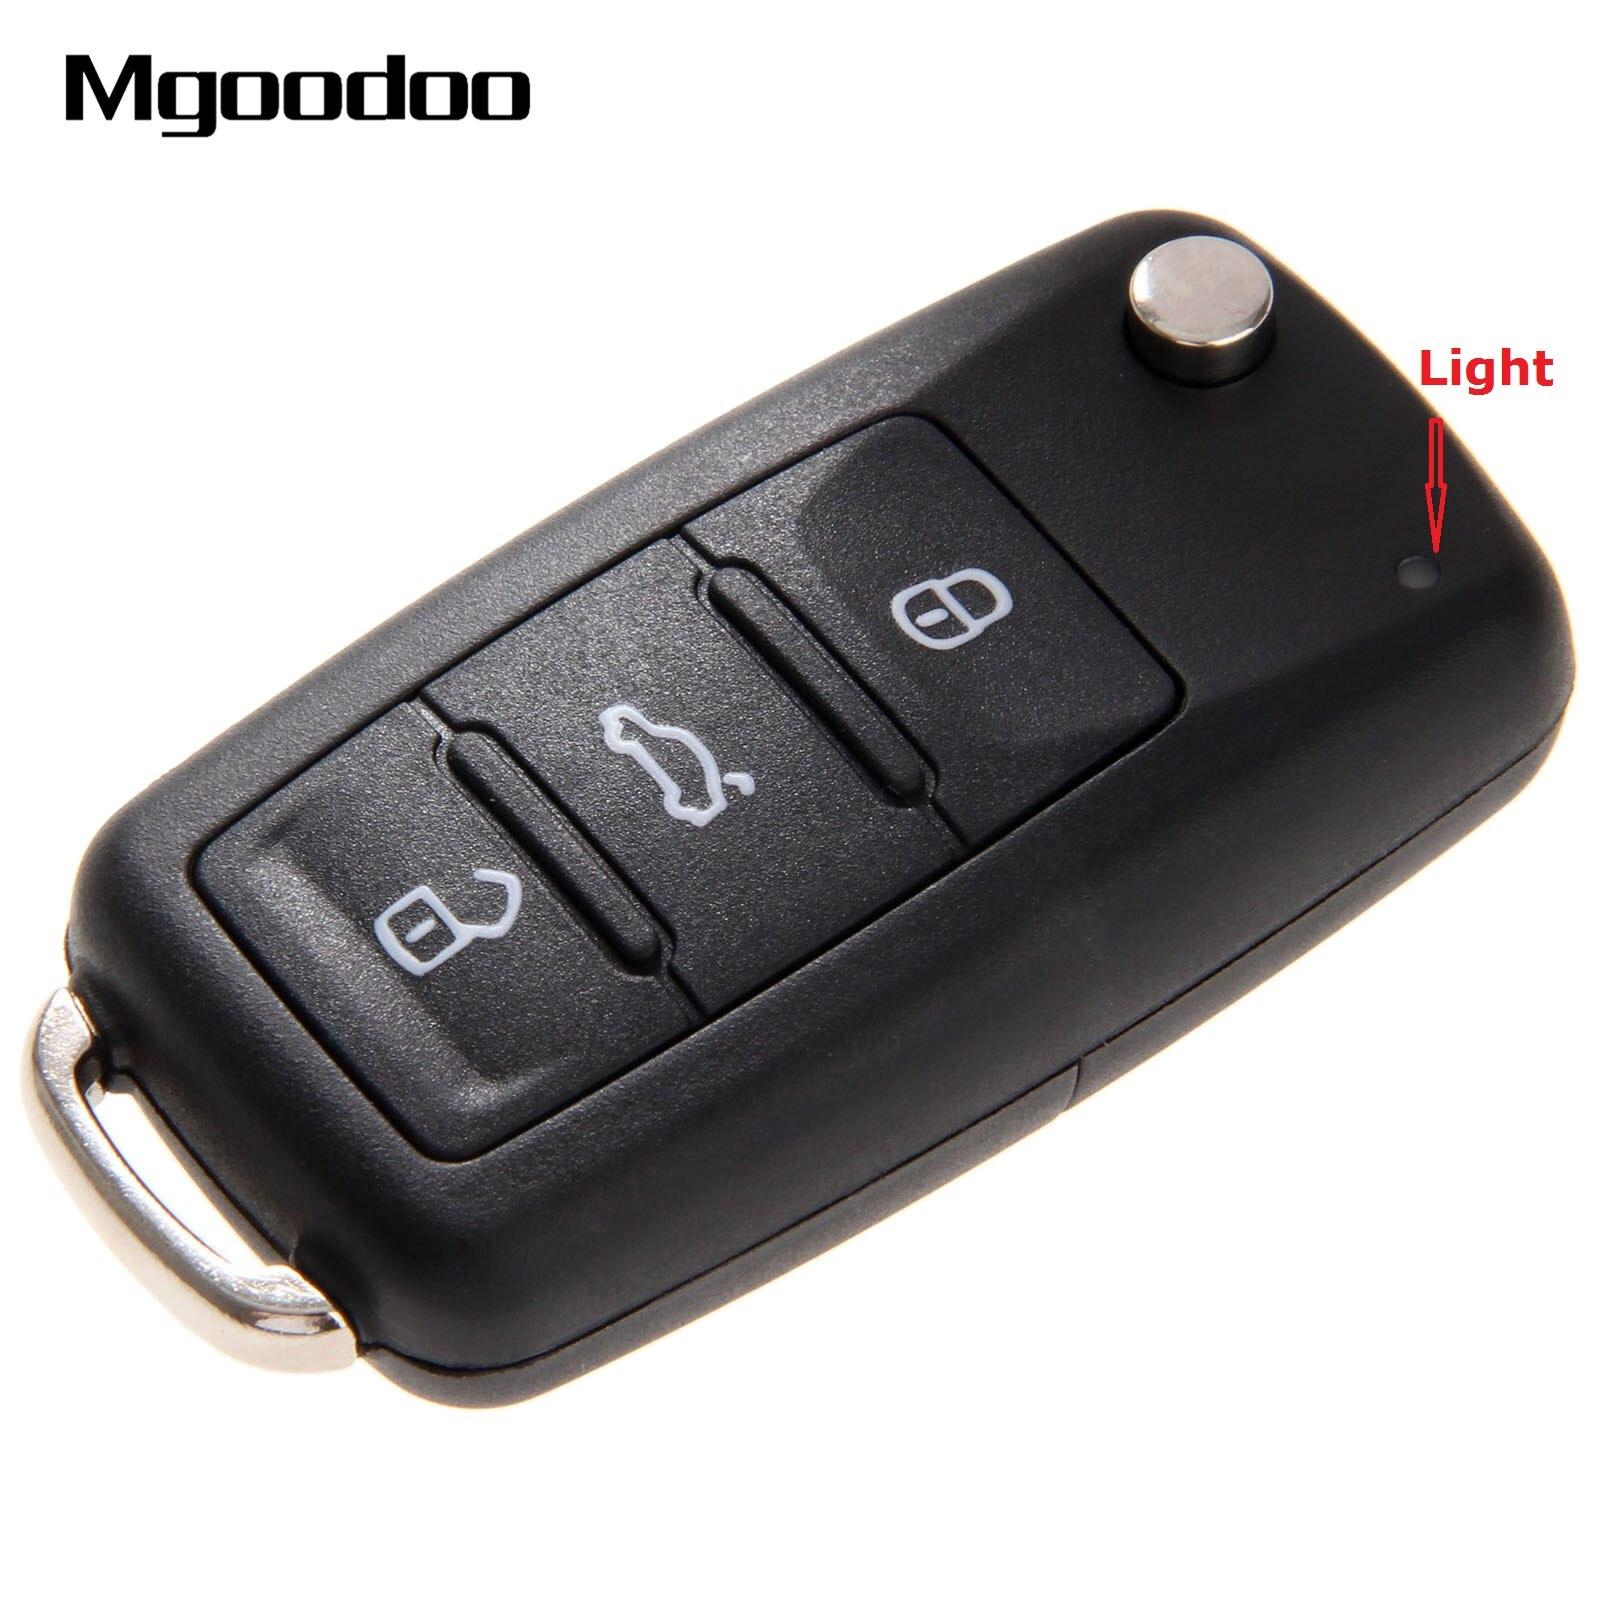 Складной Корпус автомобильного ключа дистанционного управления с 3 кнопками, чехол-брелок для VW Volkswagen Golf Mk6 Tiguan Polo Passat CC SEAT Skoda Octavia